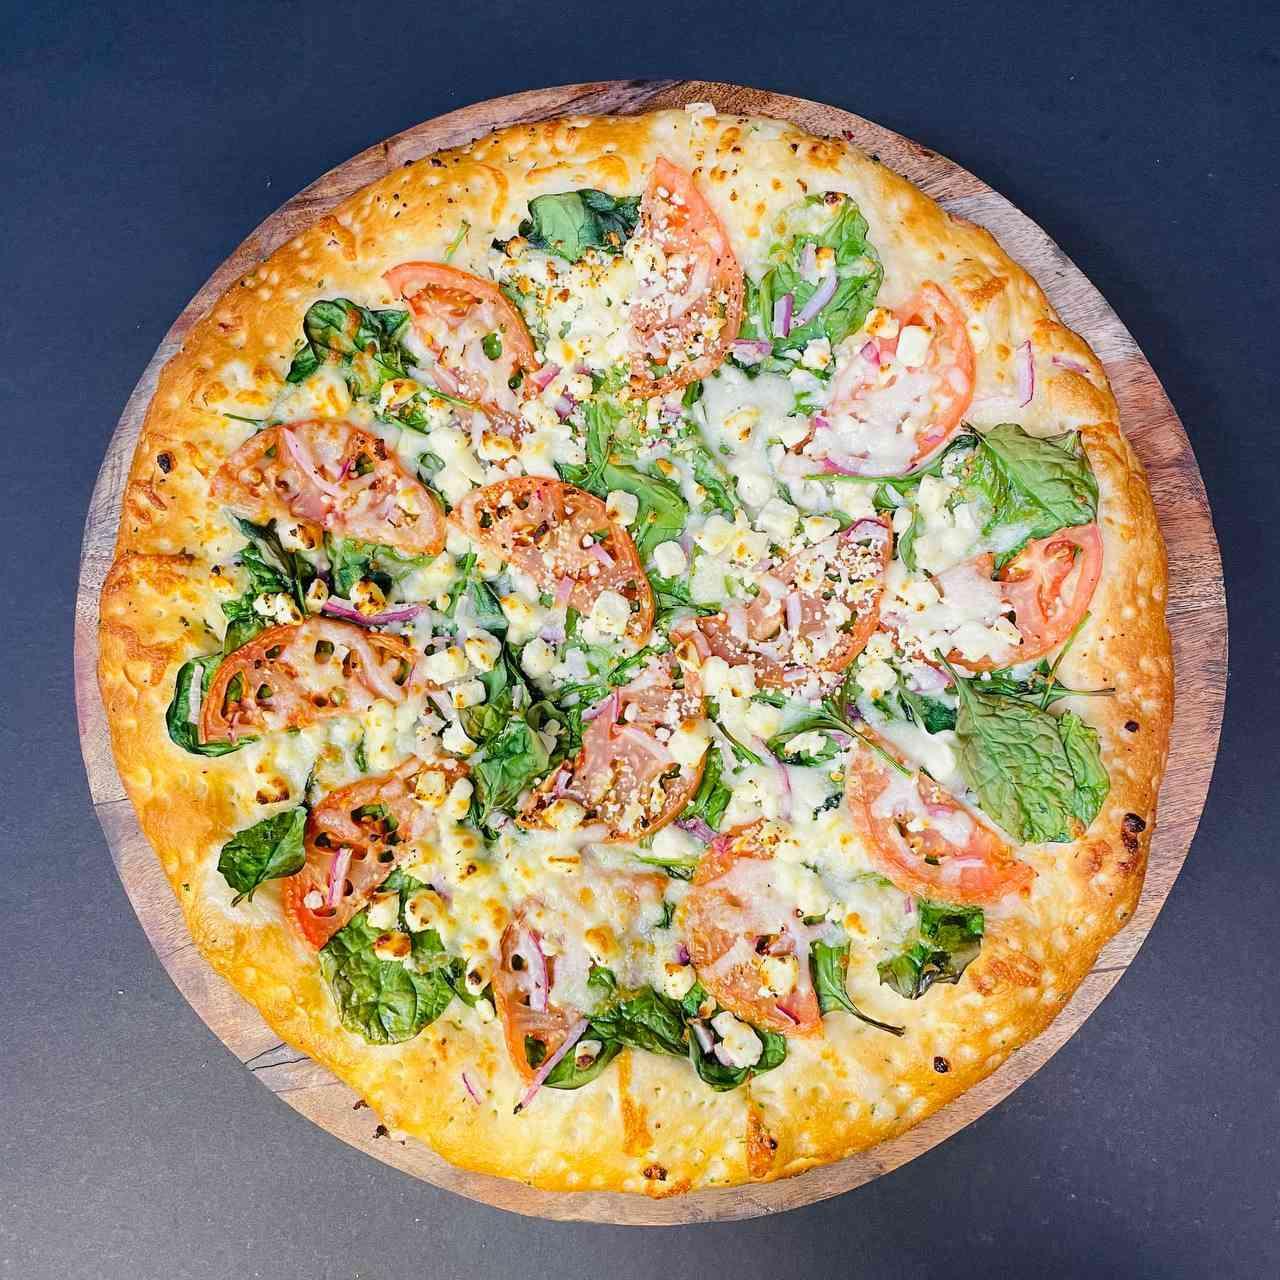 Chef's White Pizza